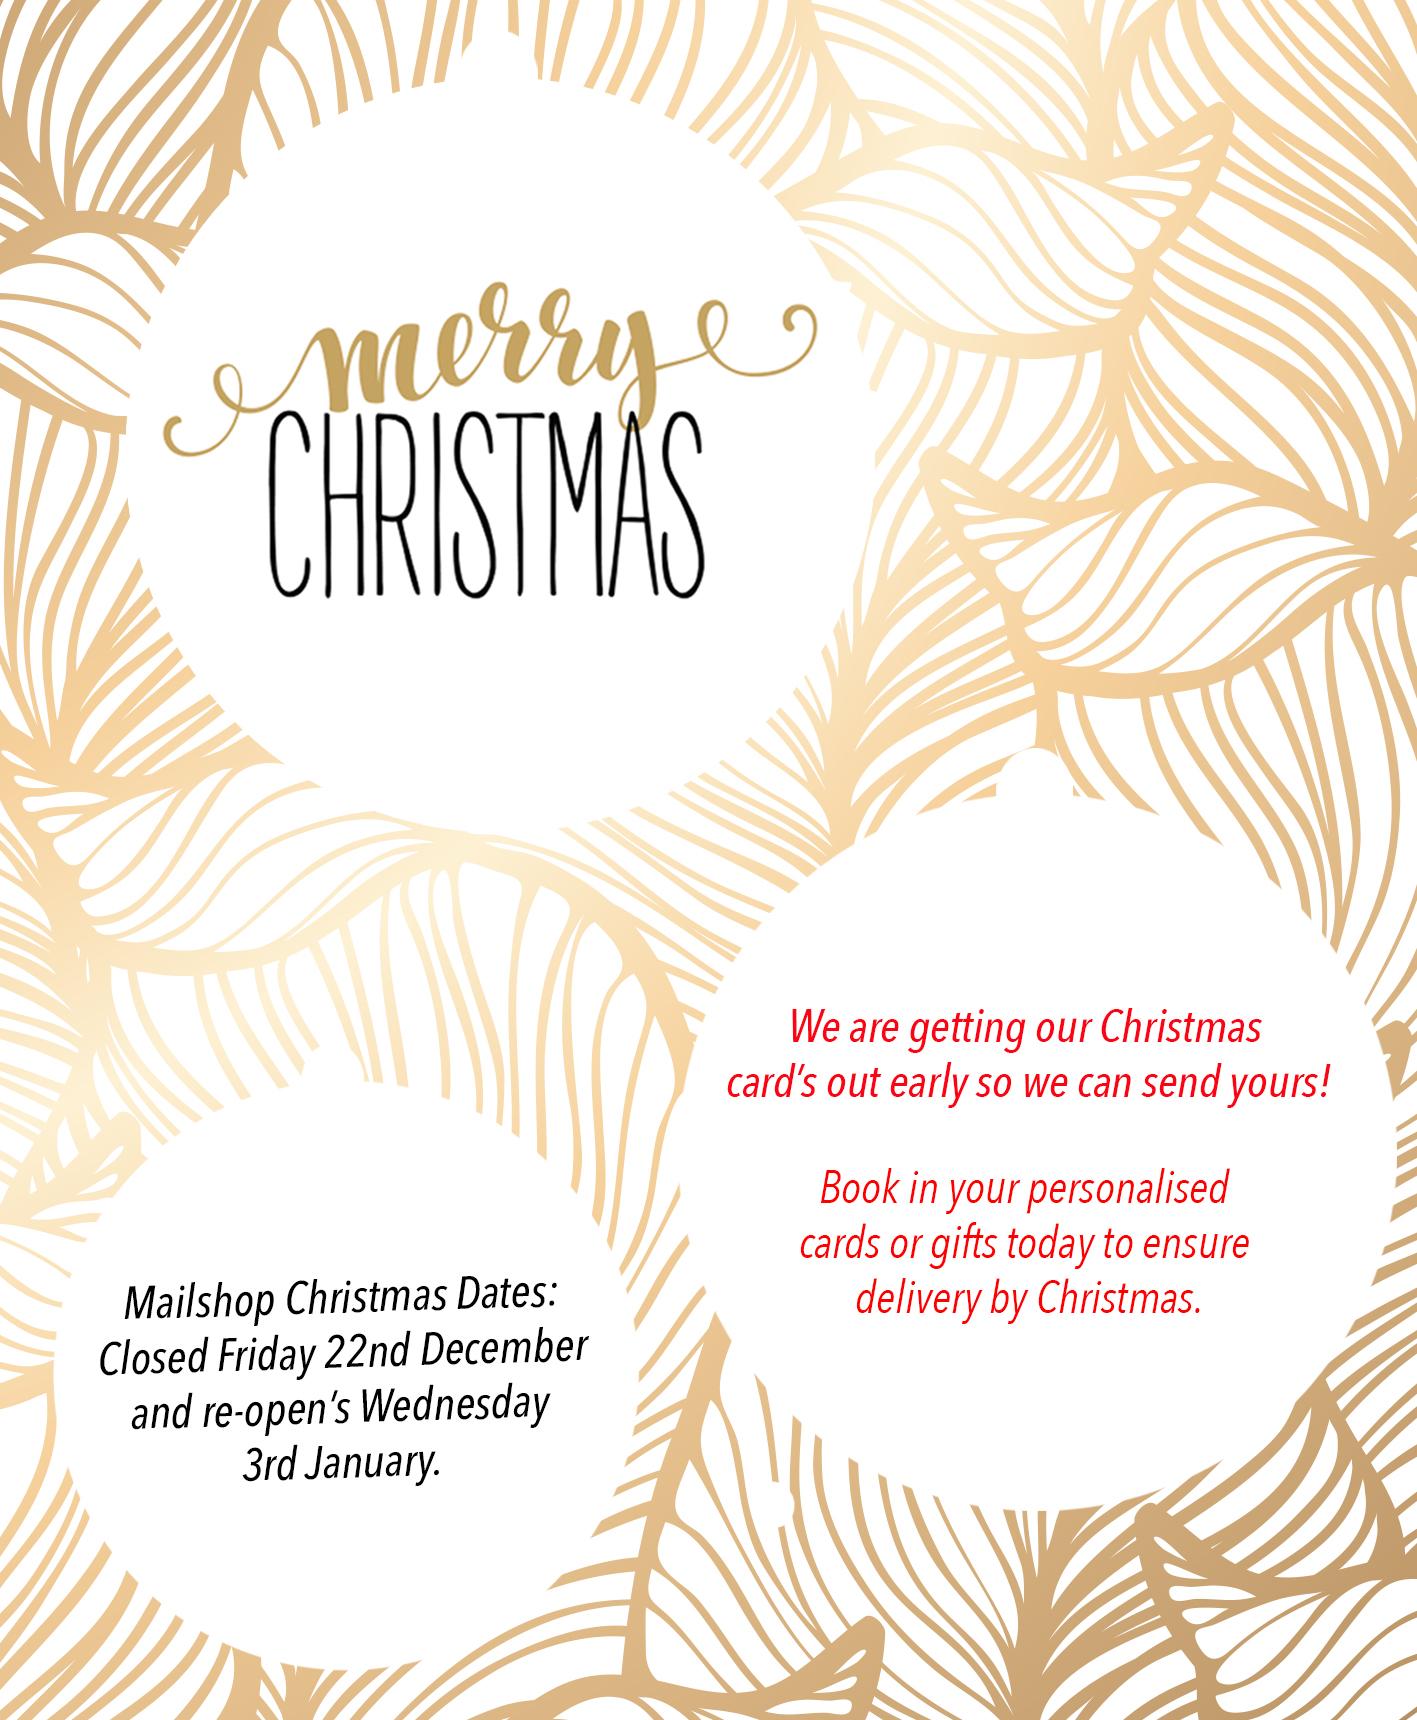 ChristmasCard Website.jpg